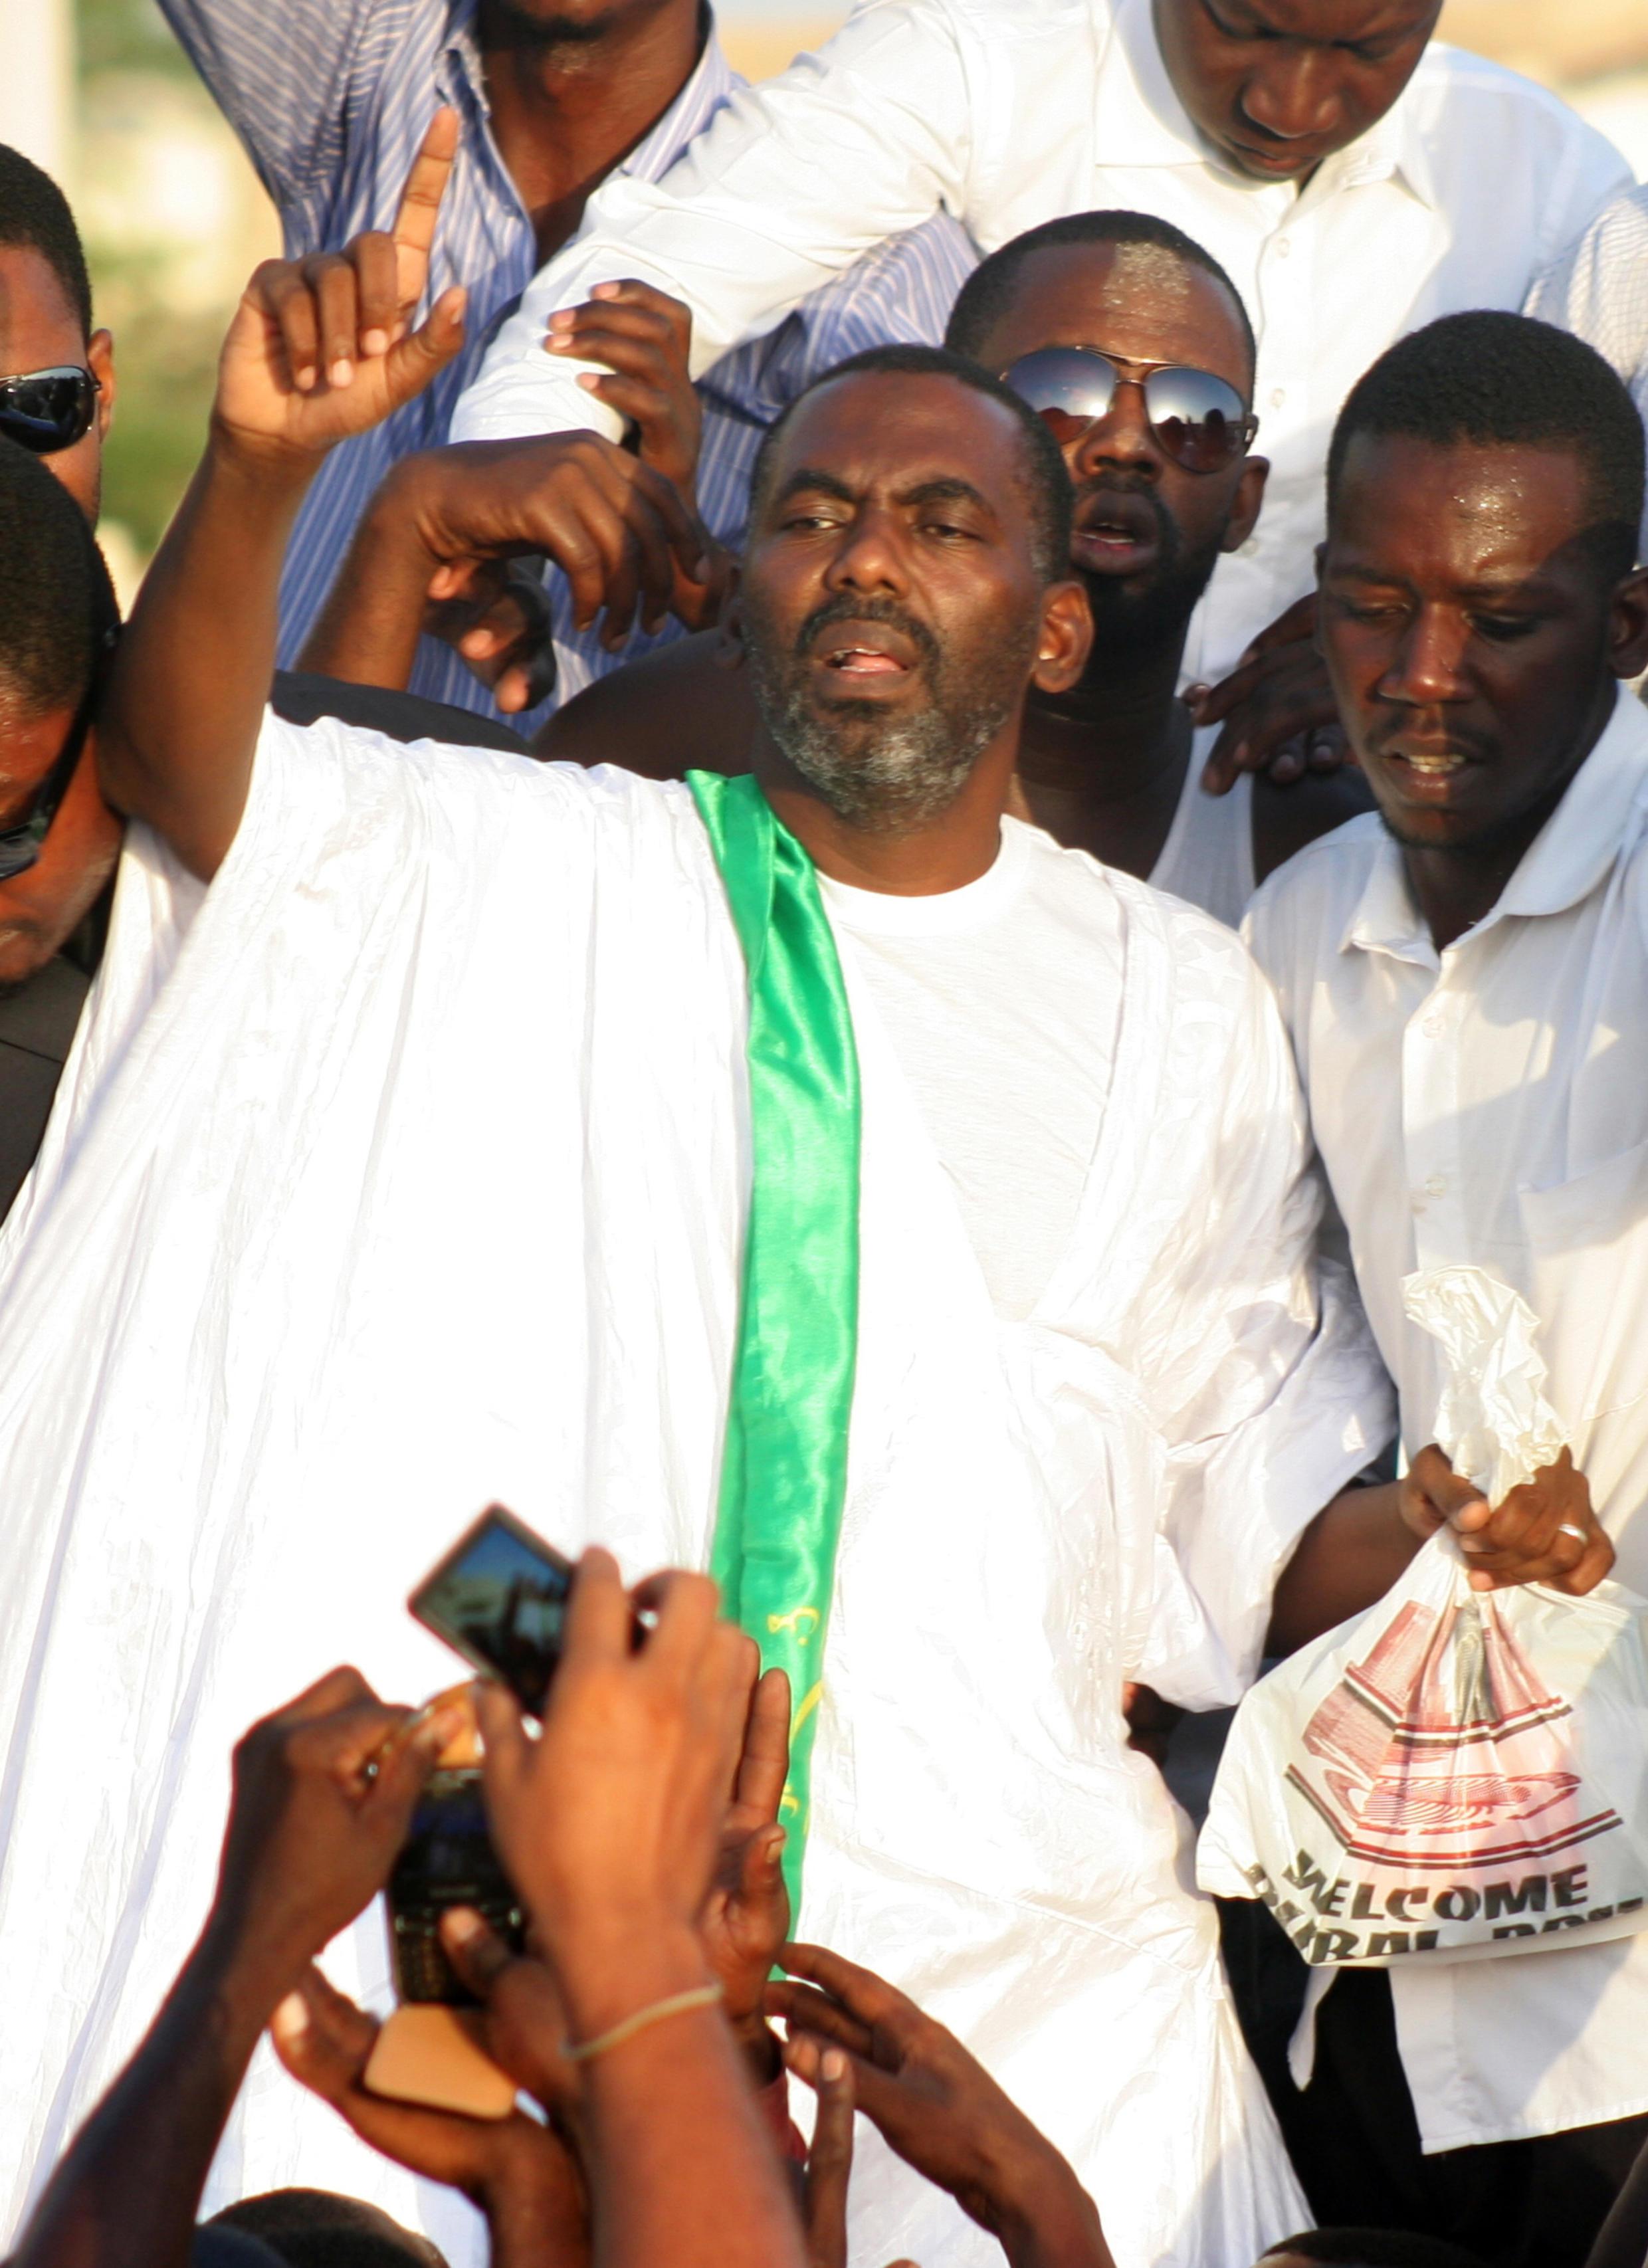 Biram Ould Dah Ould Abeid, président de l'Intiative pour la résurgence du mouvement abolitionniste en Mauritanie (IRA), après sa sortie de prison, le 3 septembre 2012 à Nouakchott.